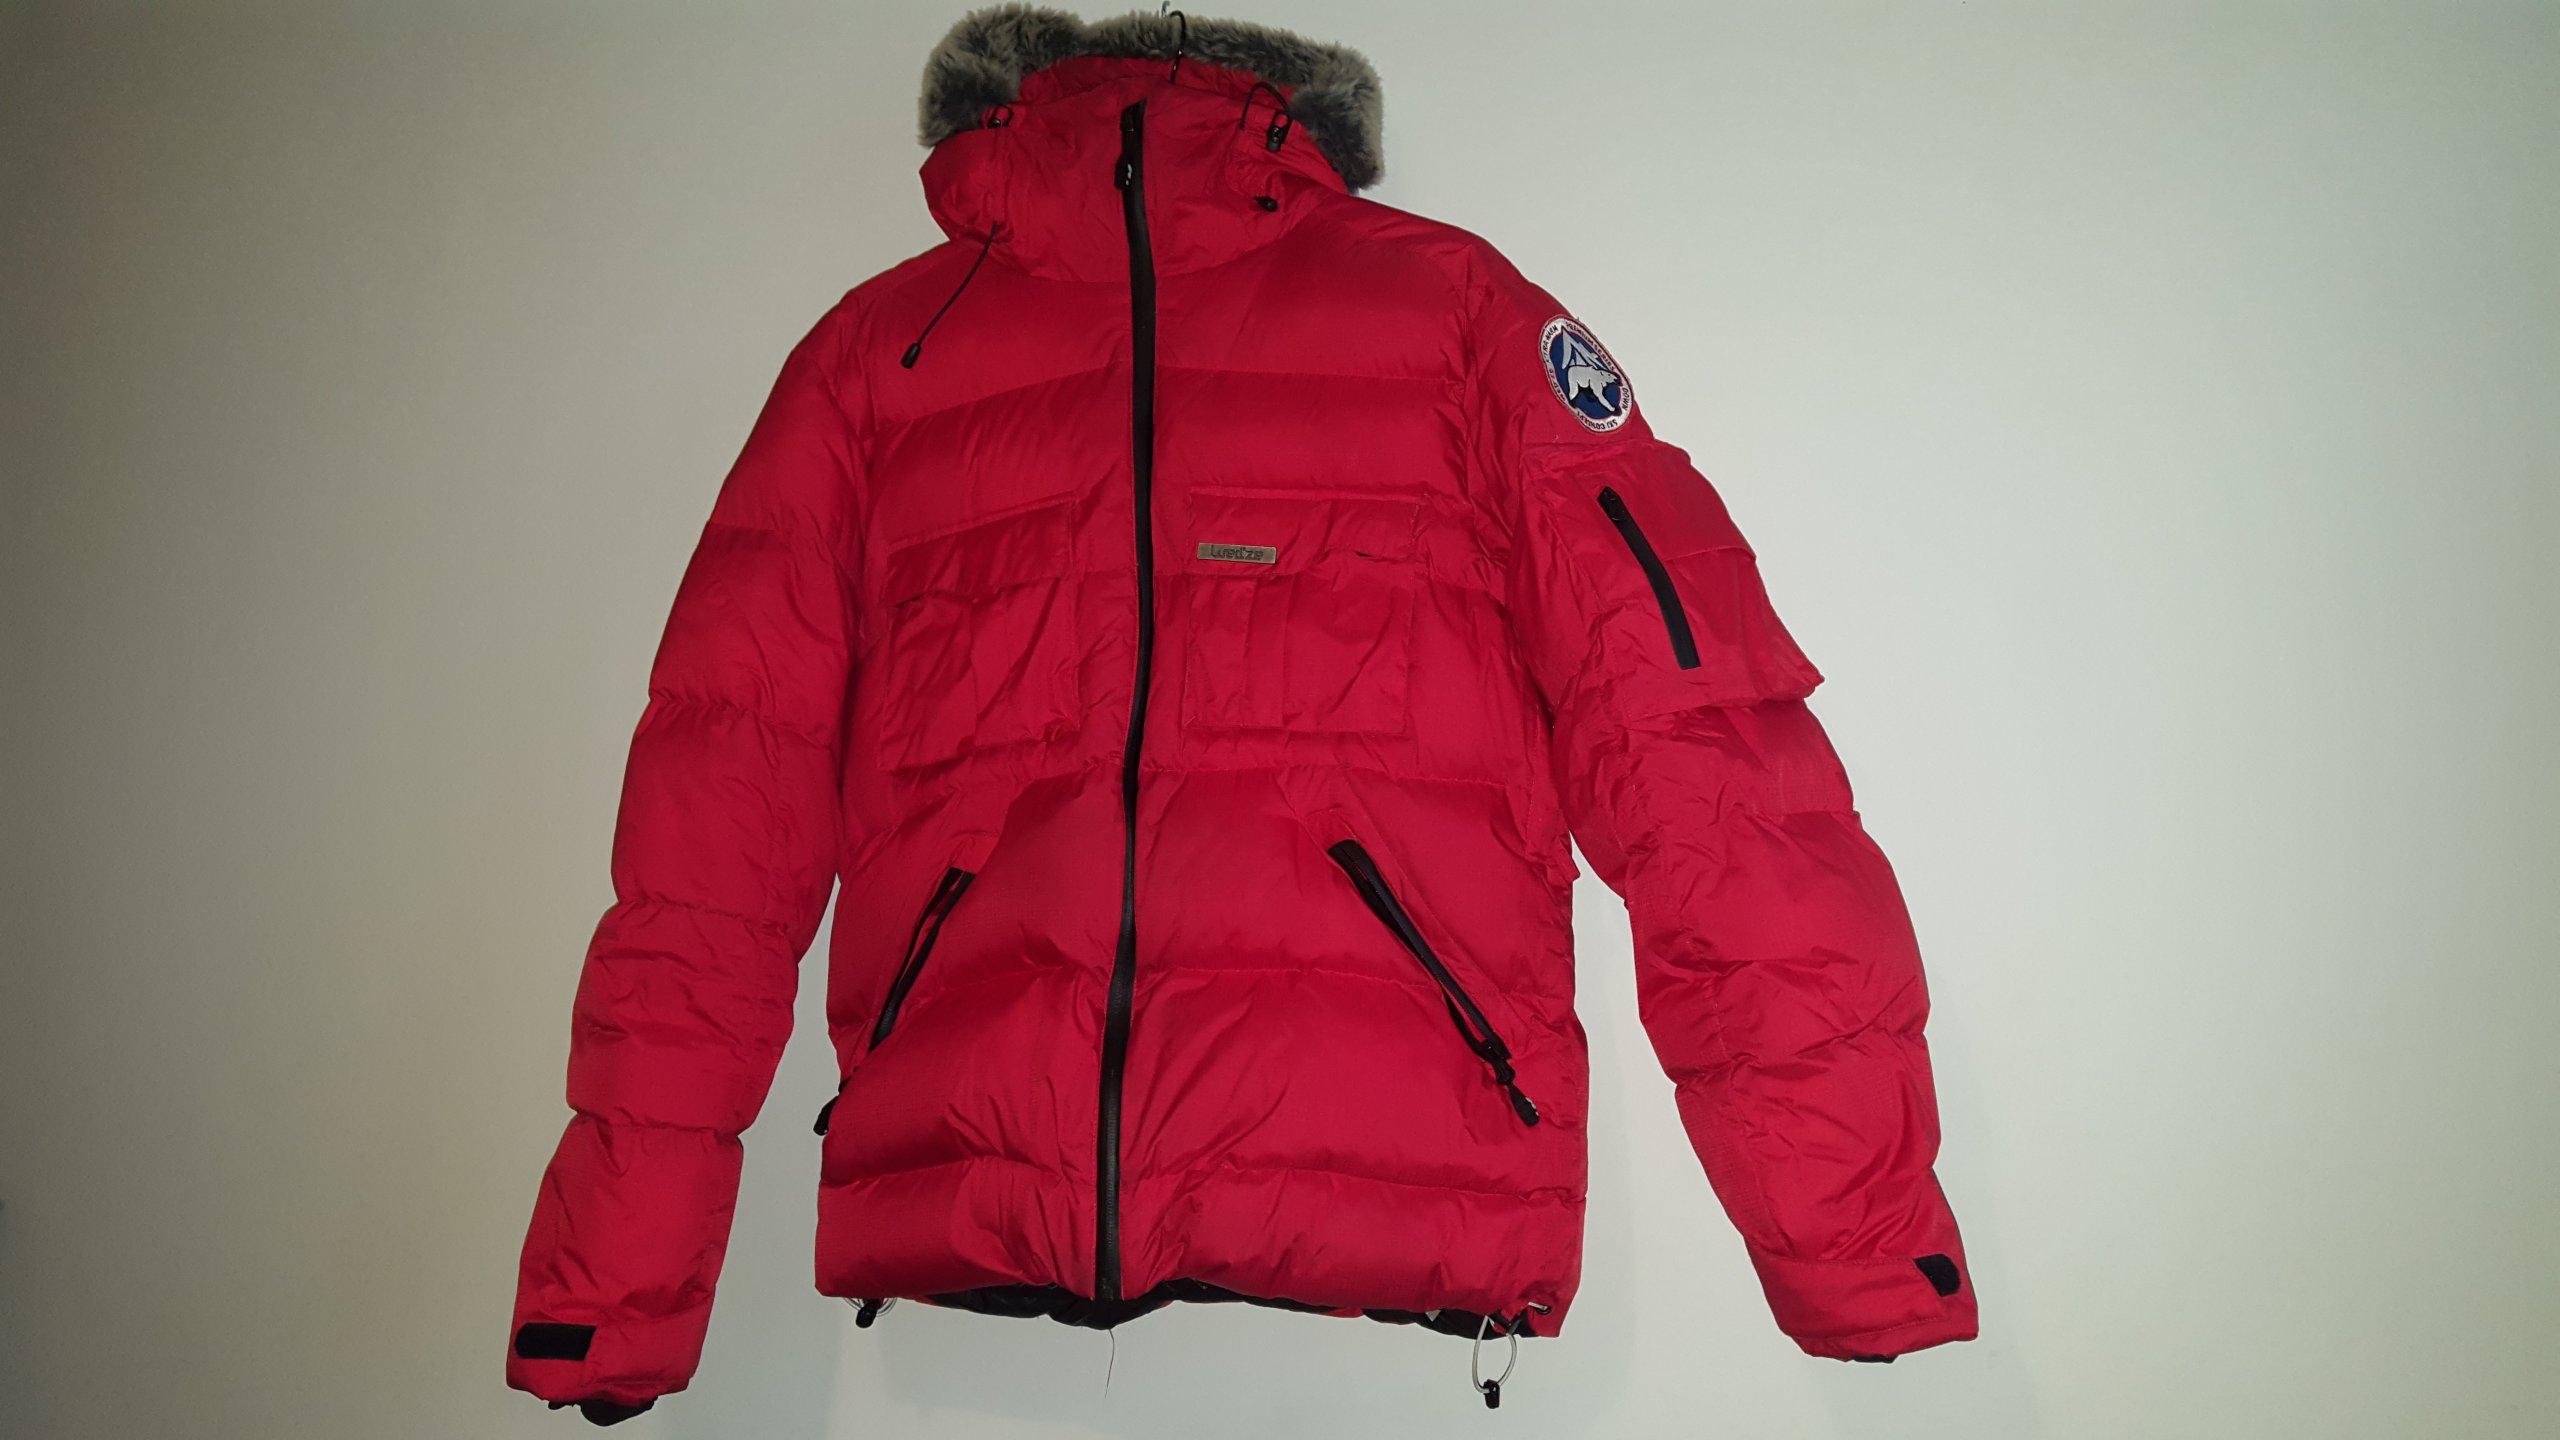 4582f65f29930 Kurtka narciarska, snowboardowa Wedze, puchowa. - 7073924159 ...